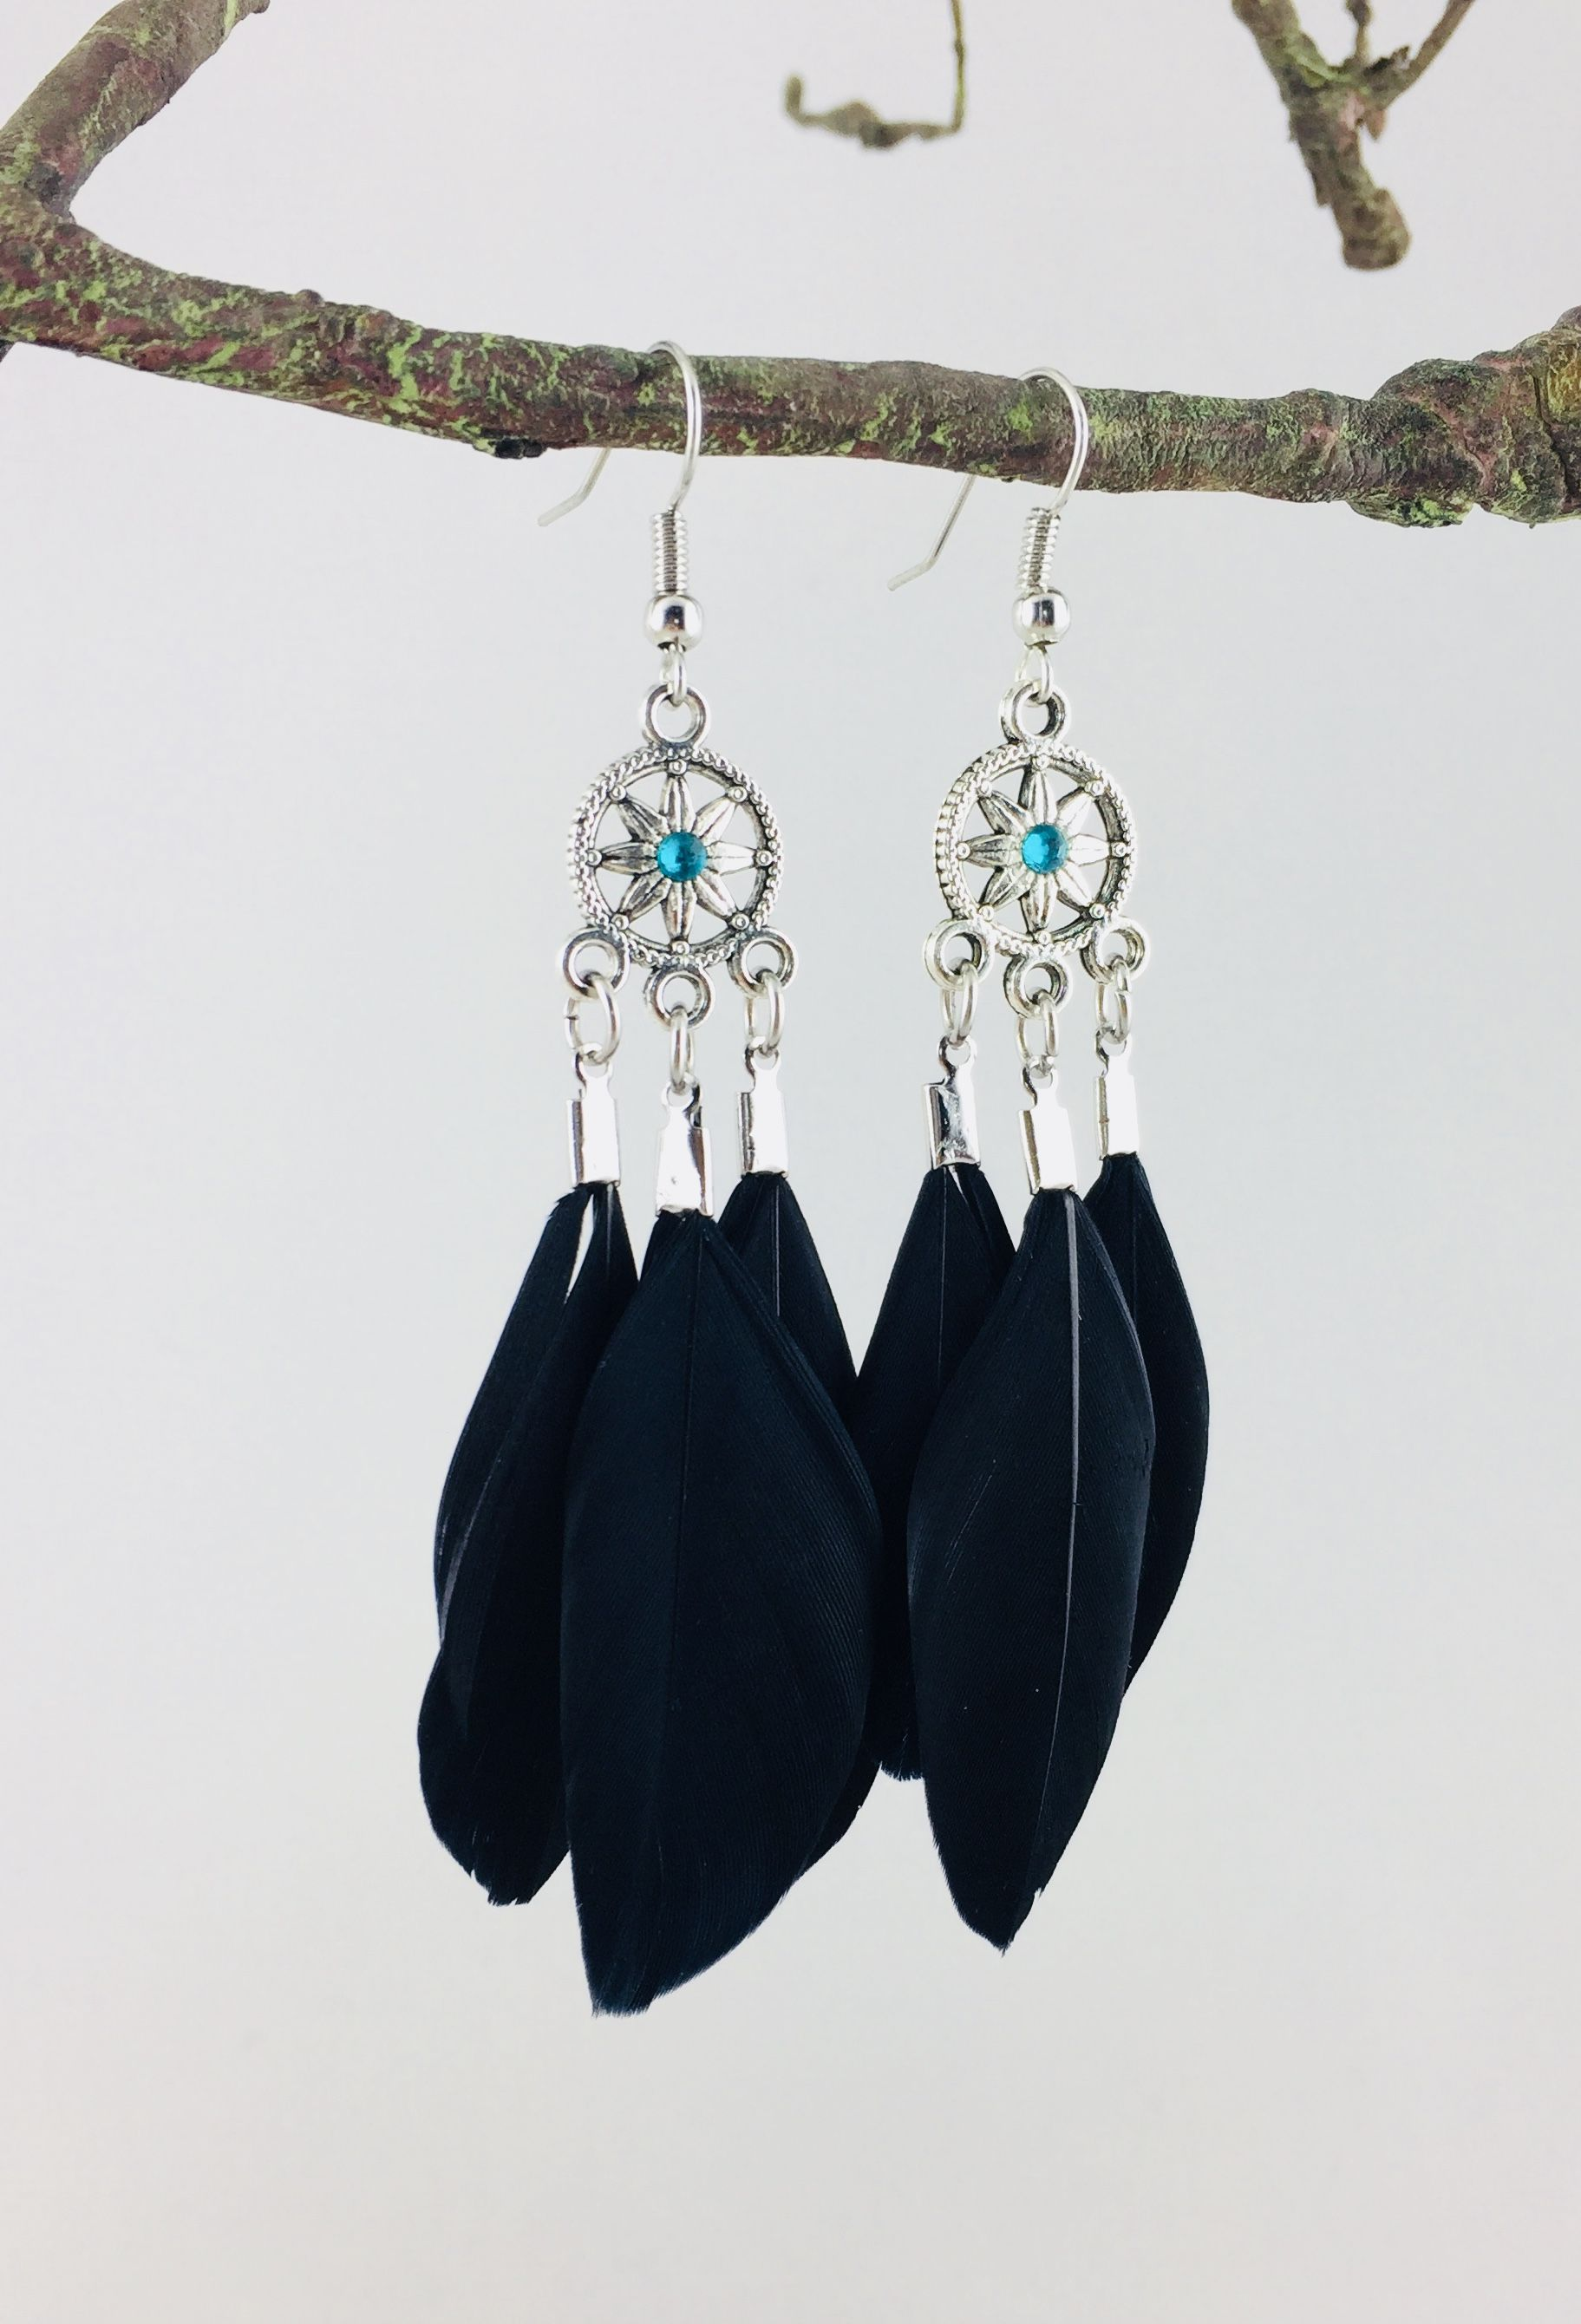 sans nickel Boucles d/'oreilles plumes naturelles perles turquoise métal argent